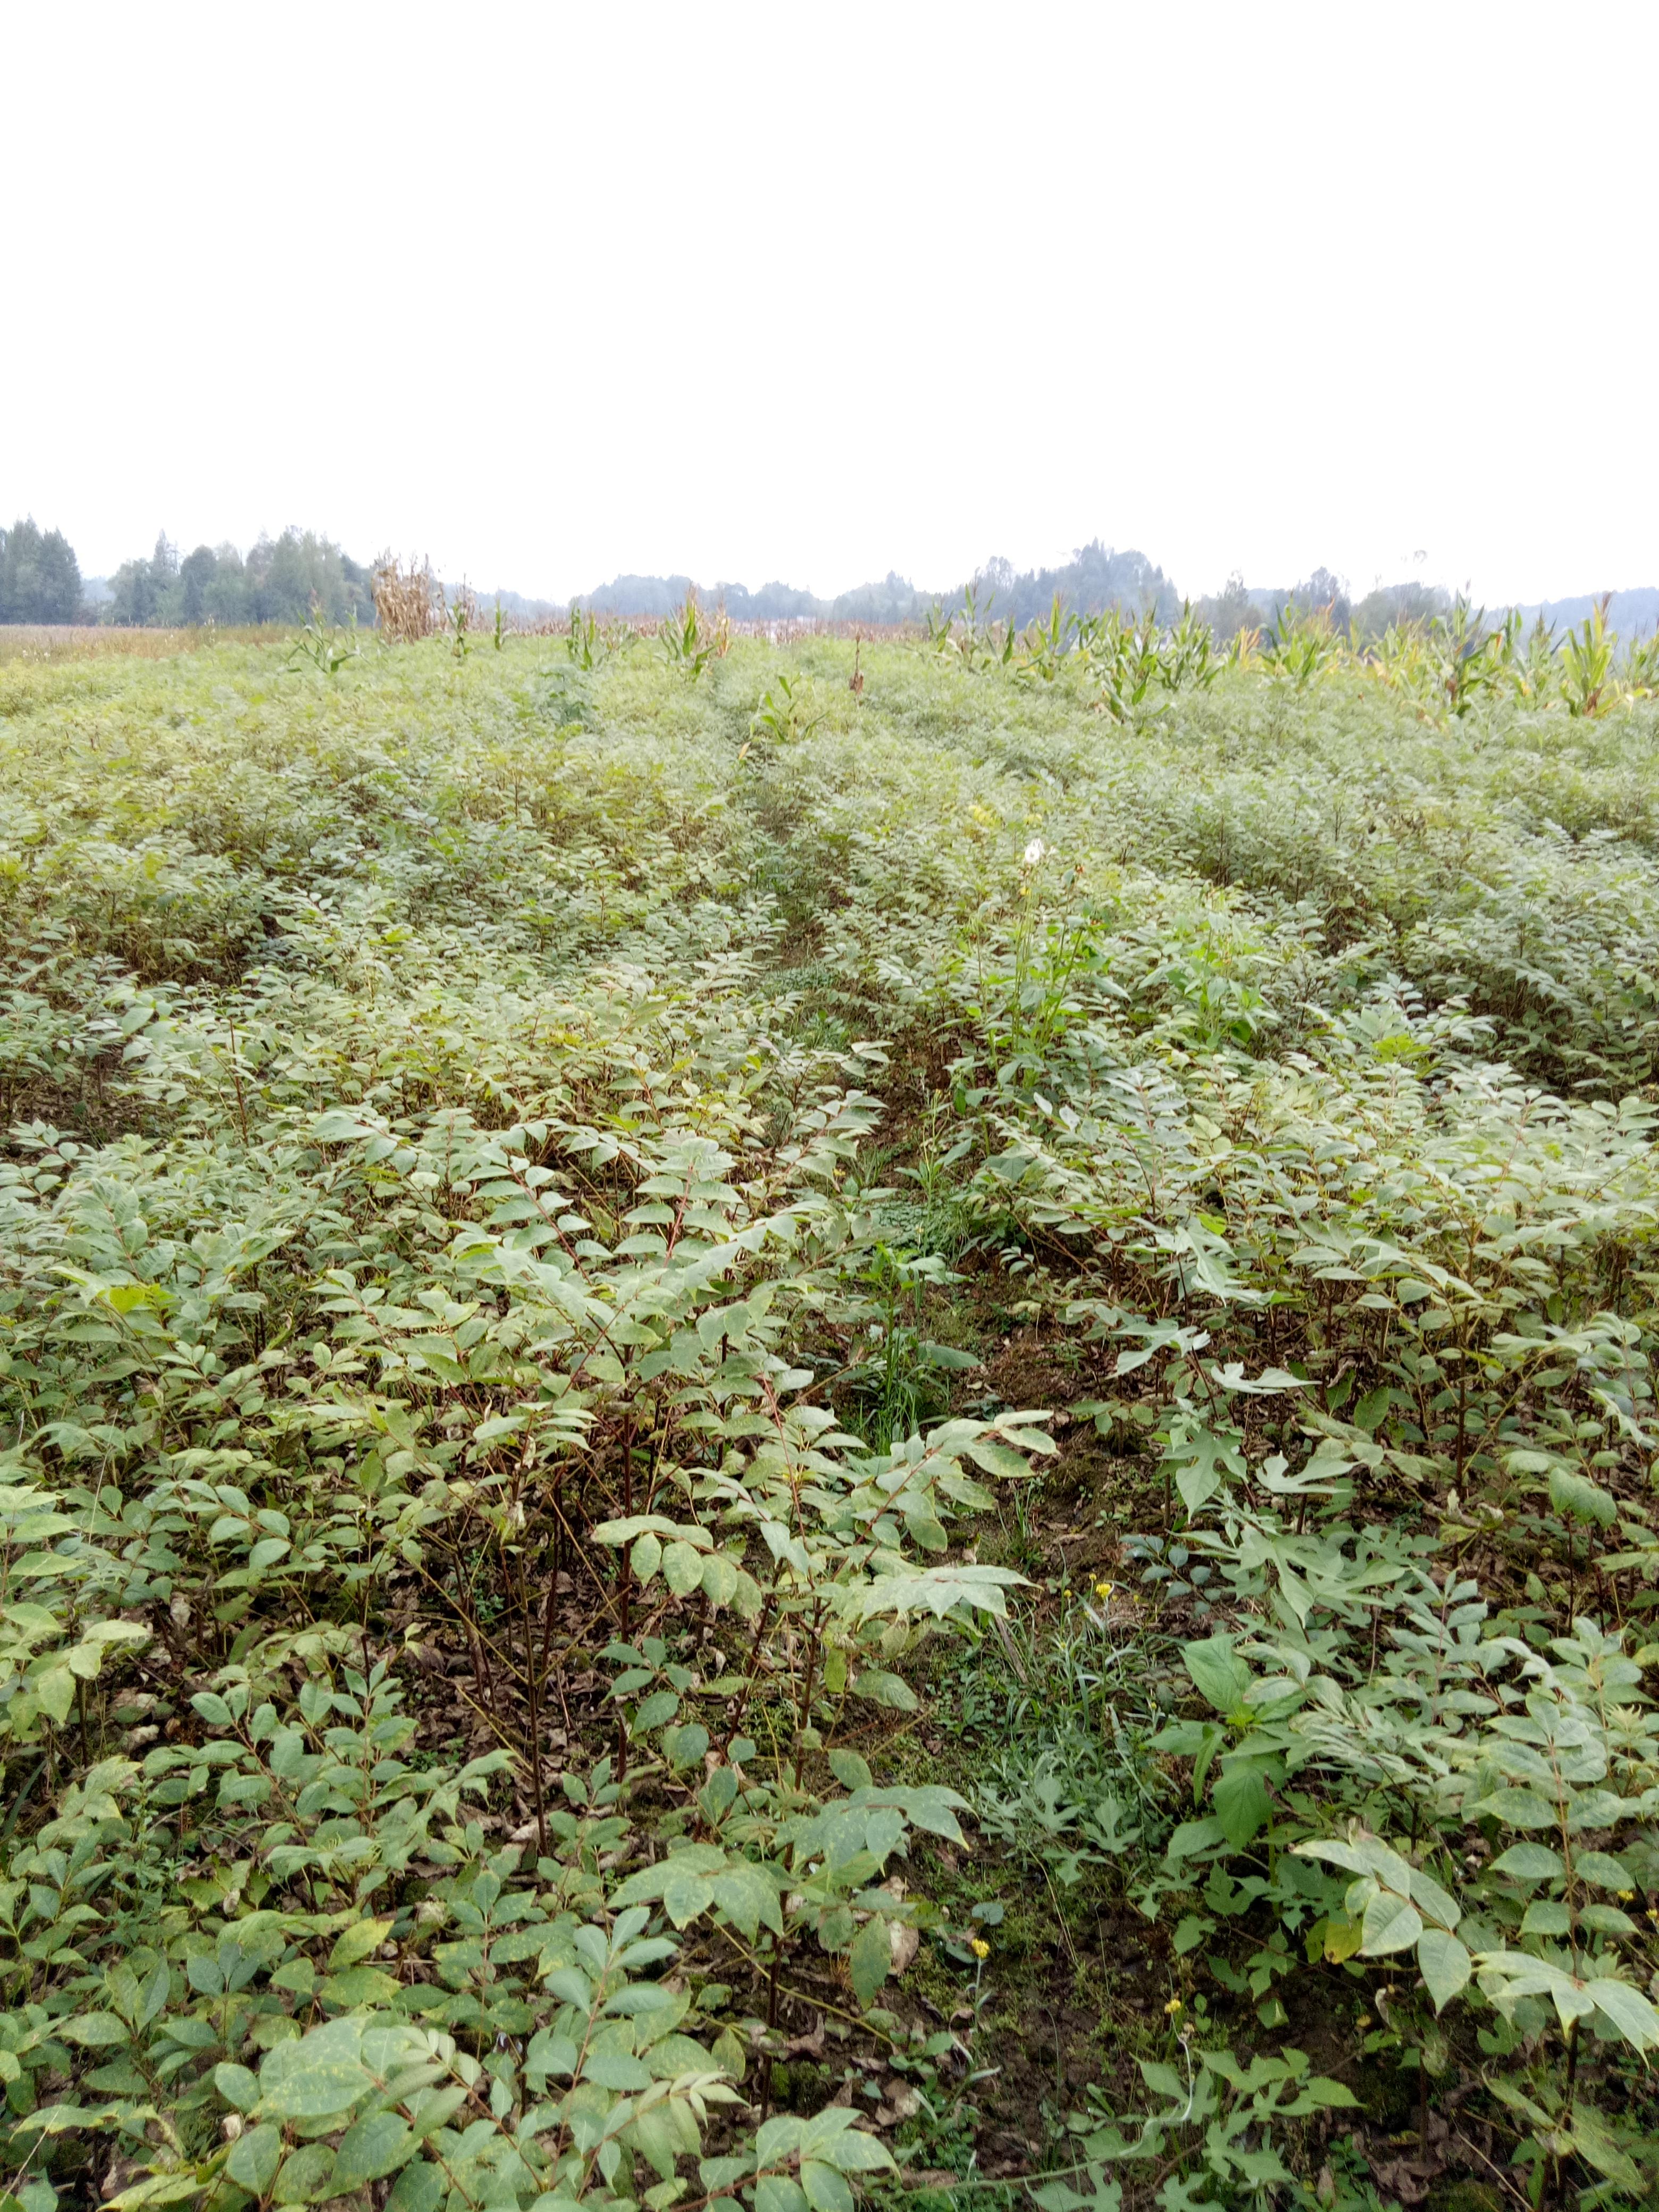 利川市黄柏种植基地大量现货批发直销 黄柏树苗多少钱一株 量大优惠欢迎咨询15587427888